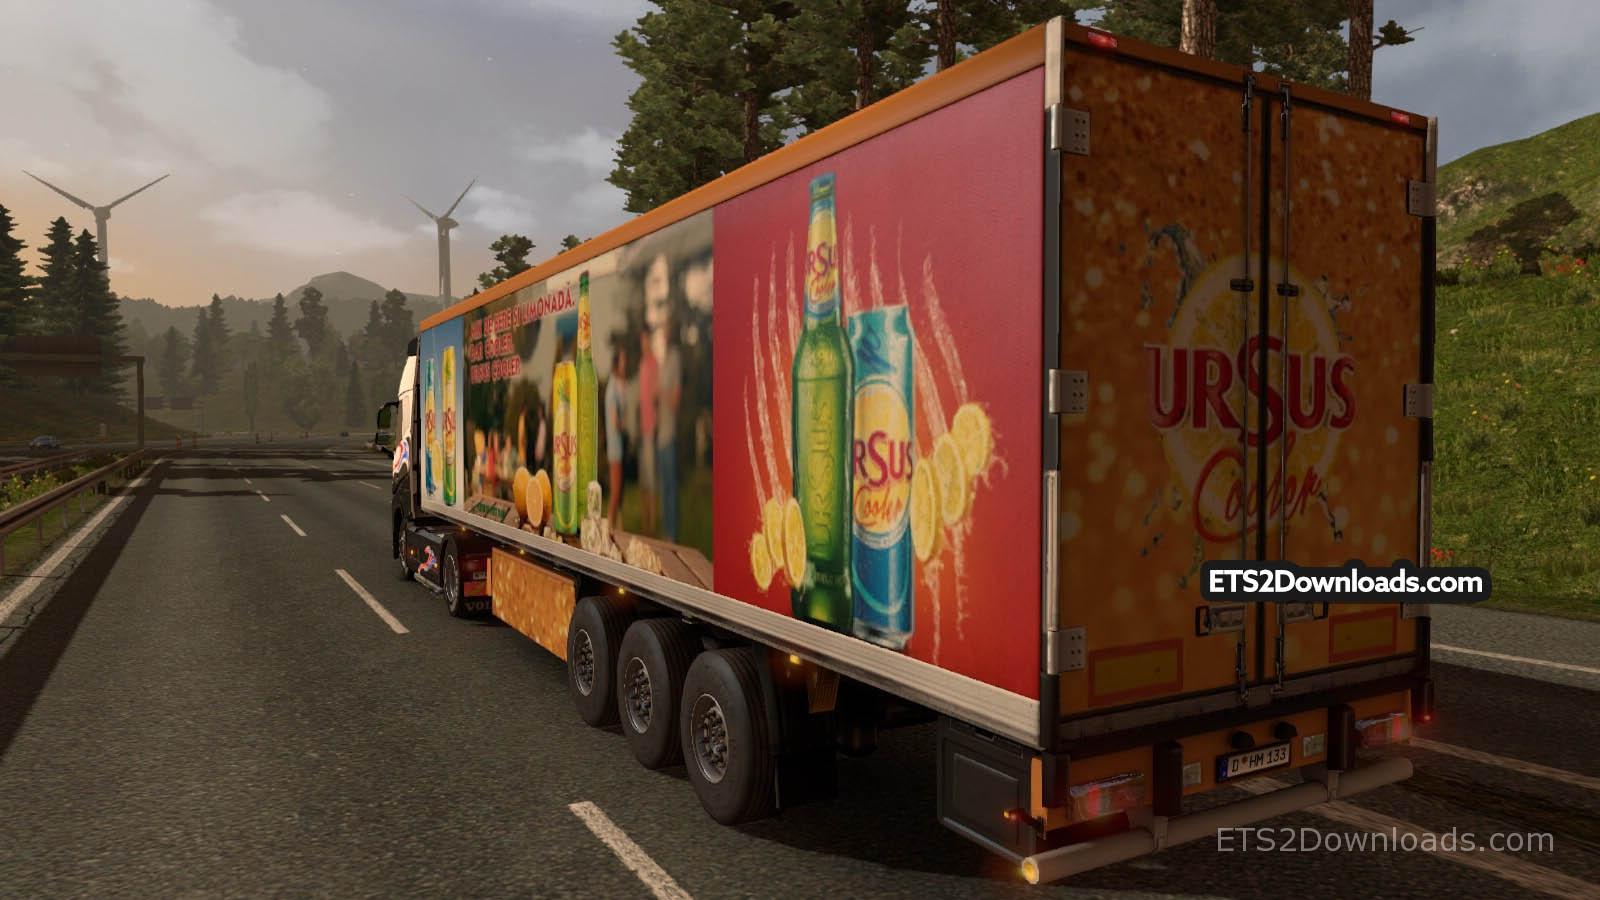 ursus-cooler-trailer